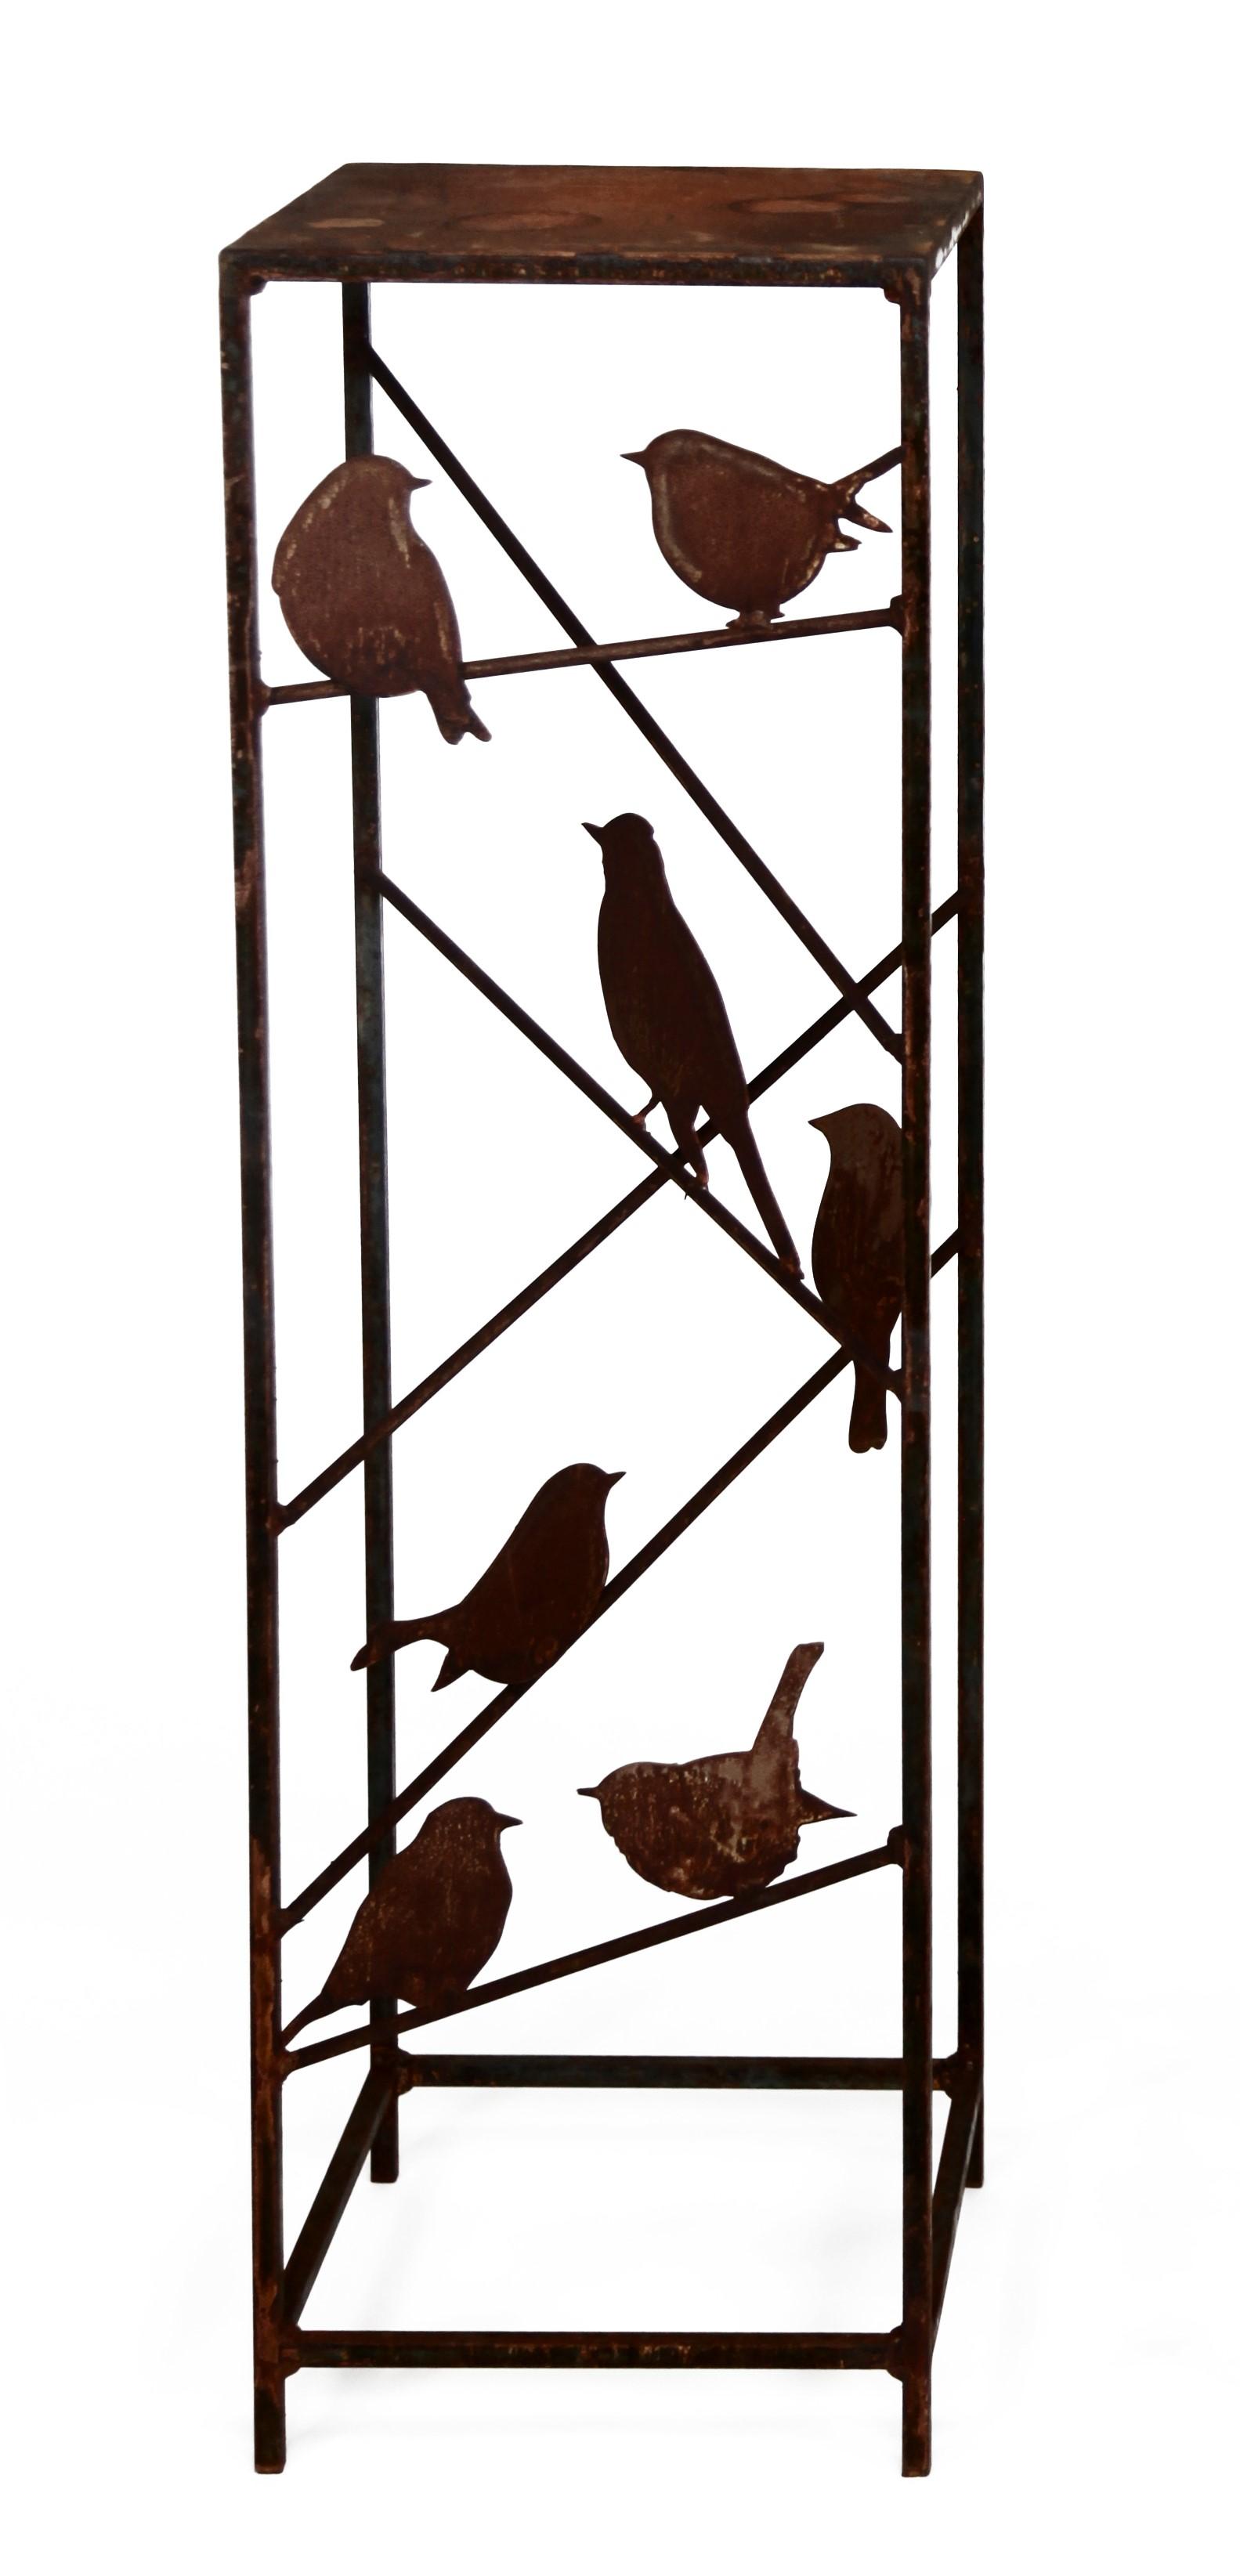 Säule aus Vierkantstahl mit 7 Vögeln auf Stäben, Edelrost, H100cm, Gf 30 x 30